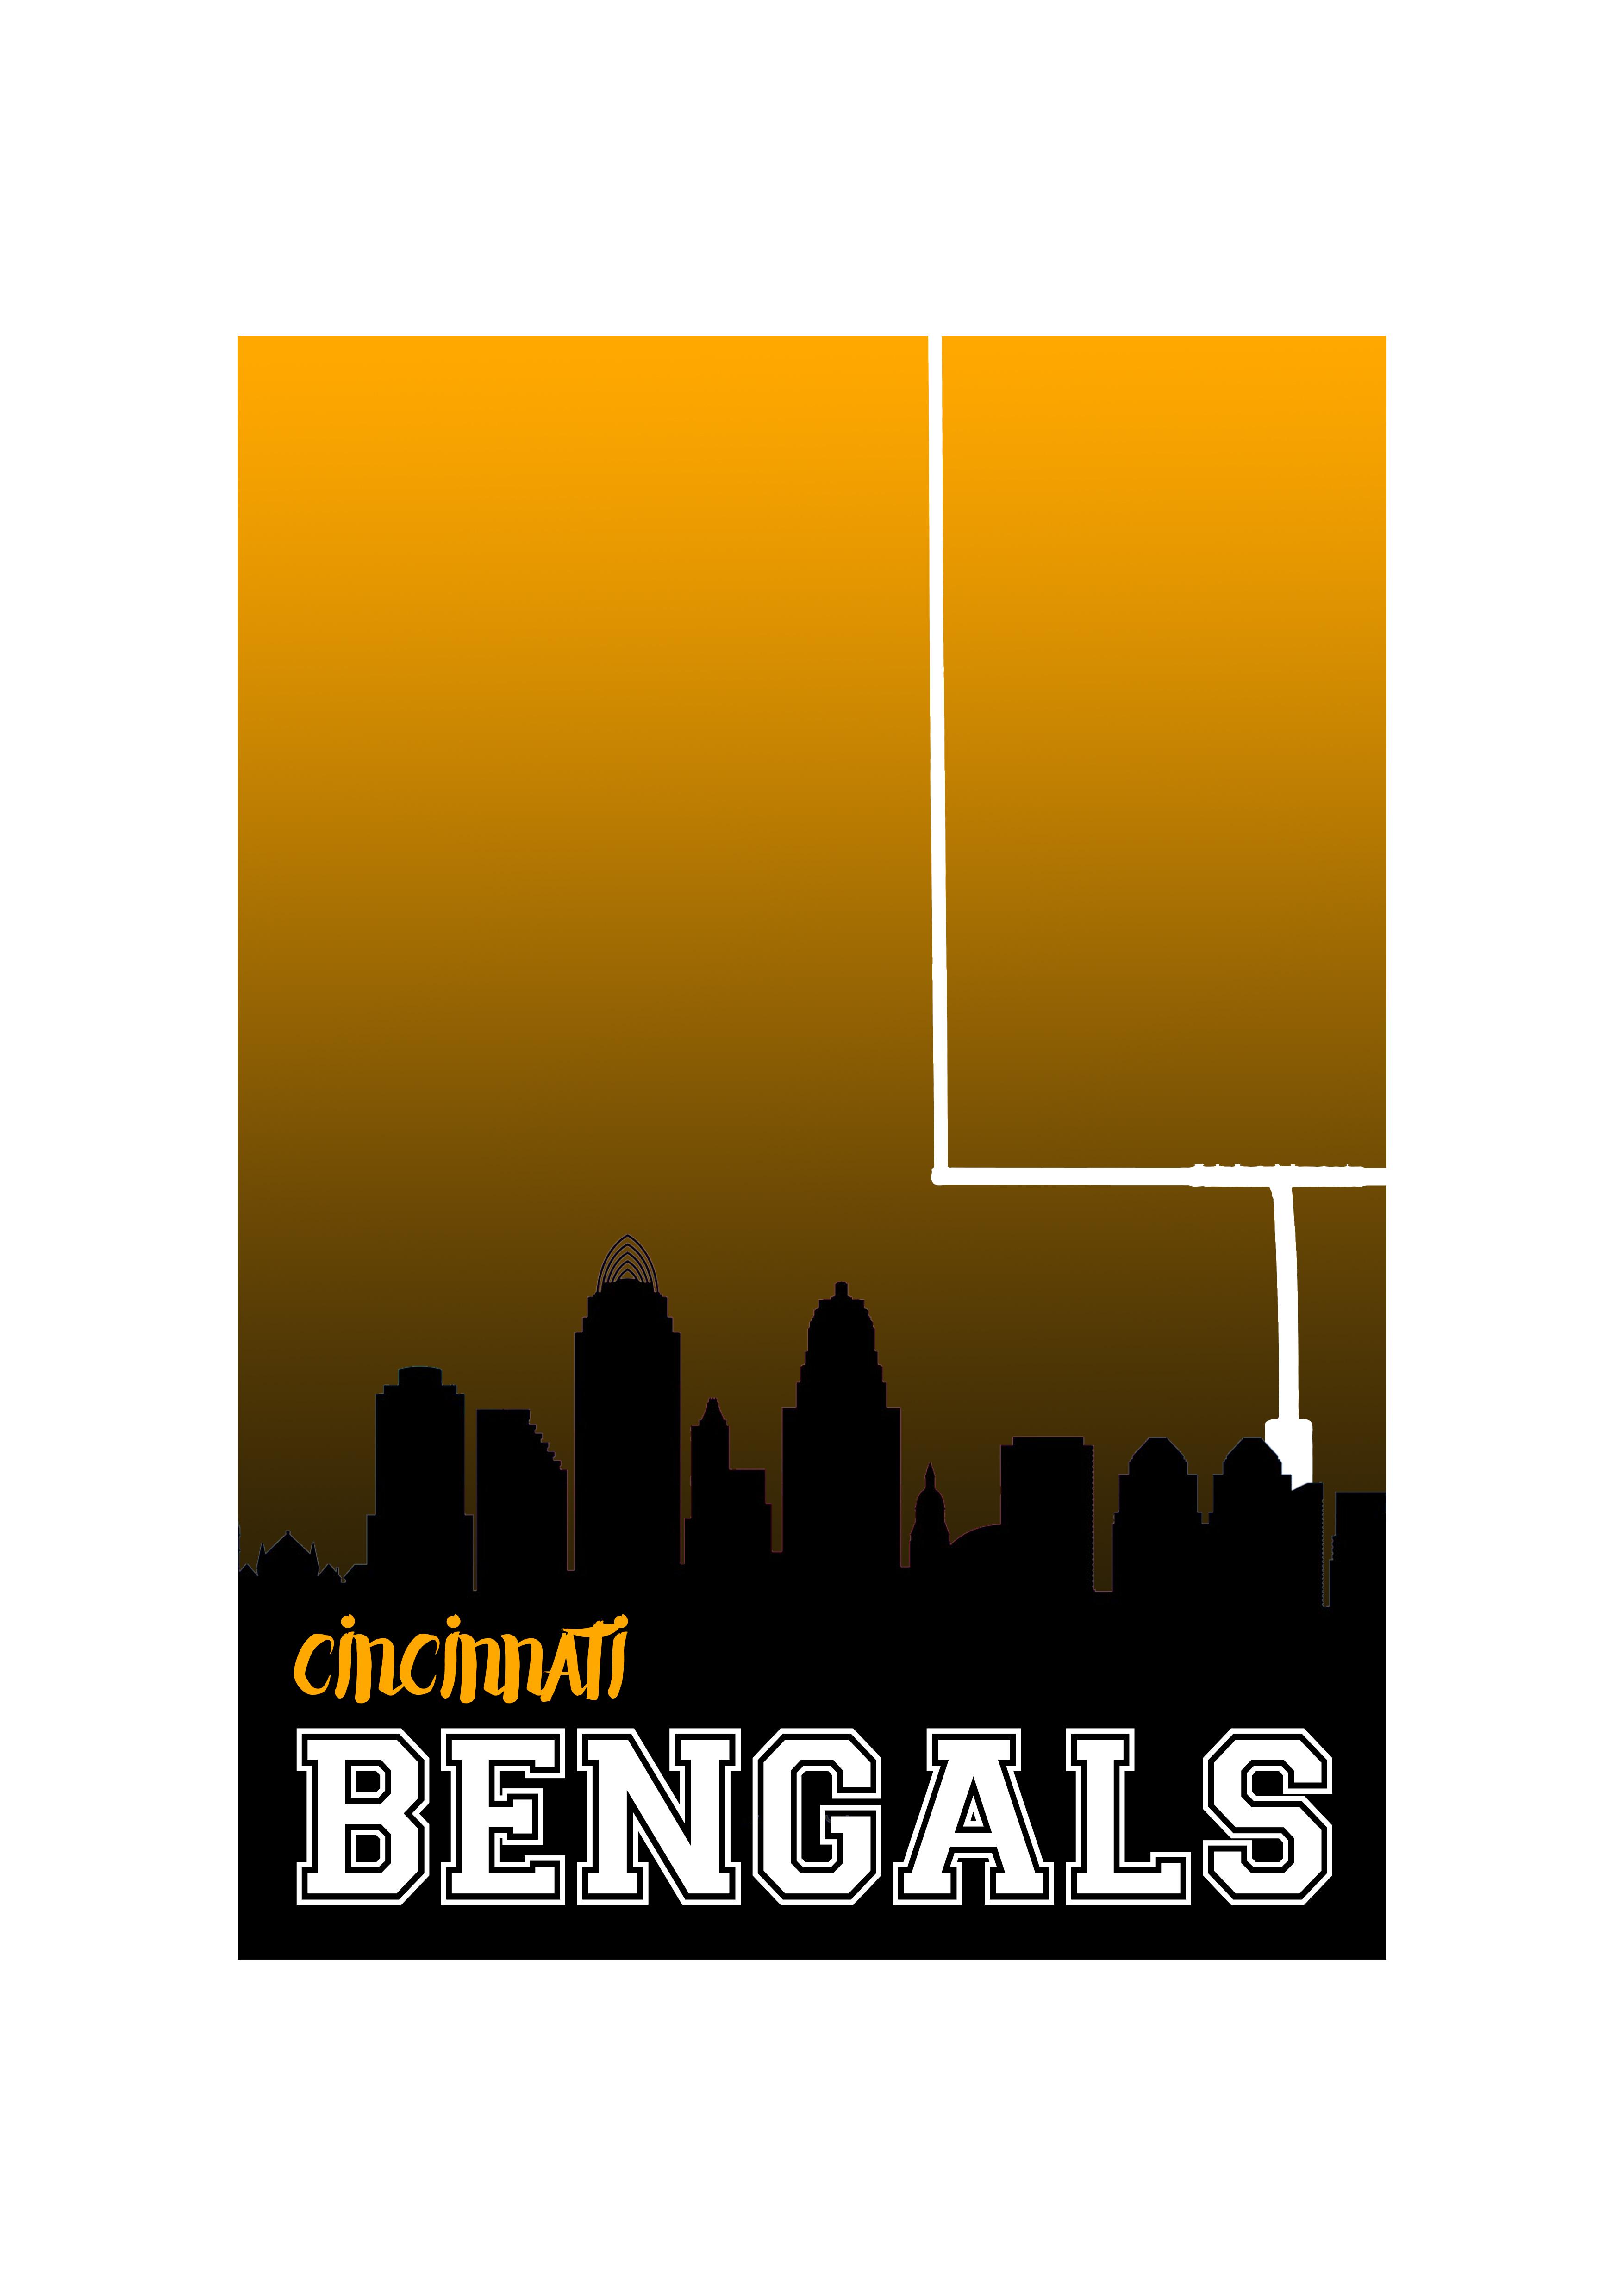 Cincinatti Bengals Design Challenge